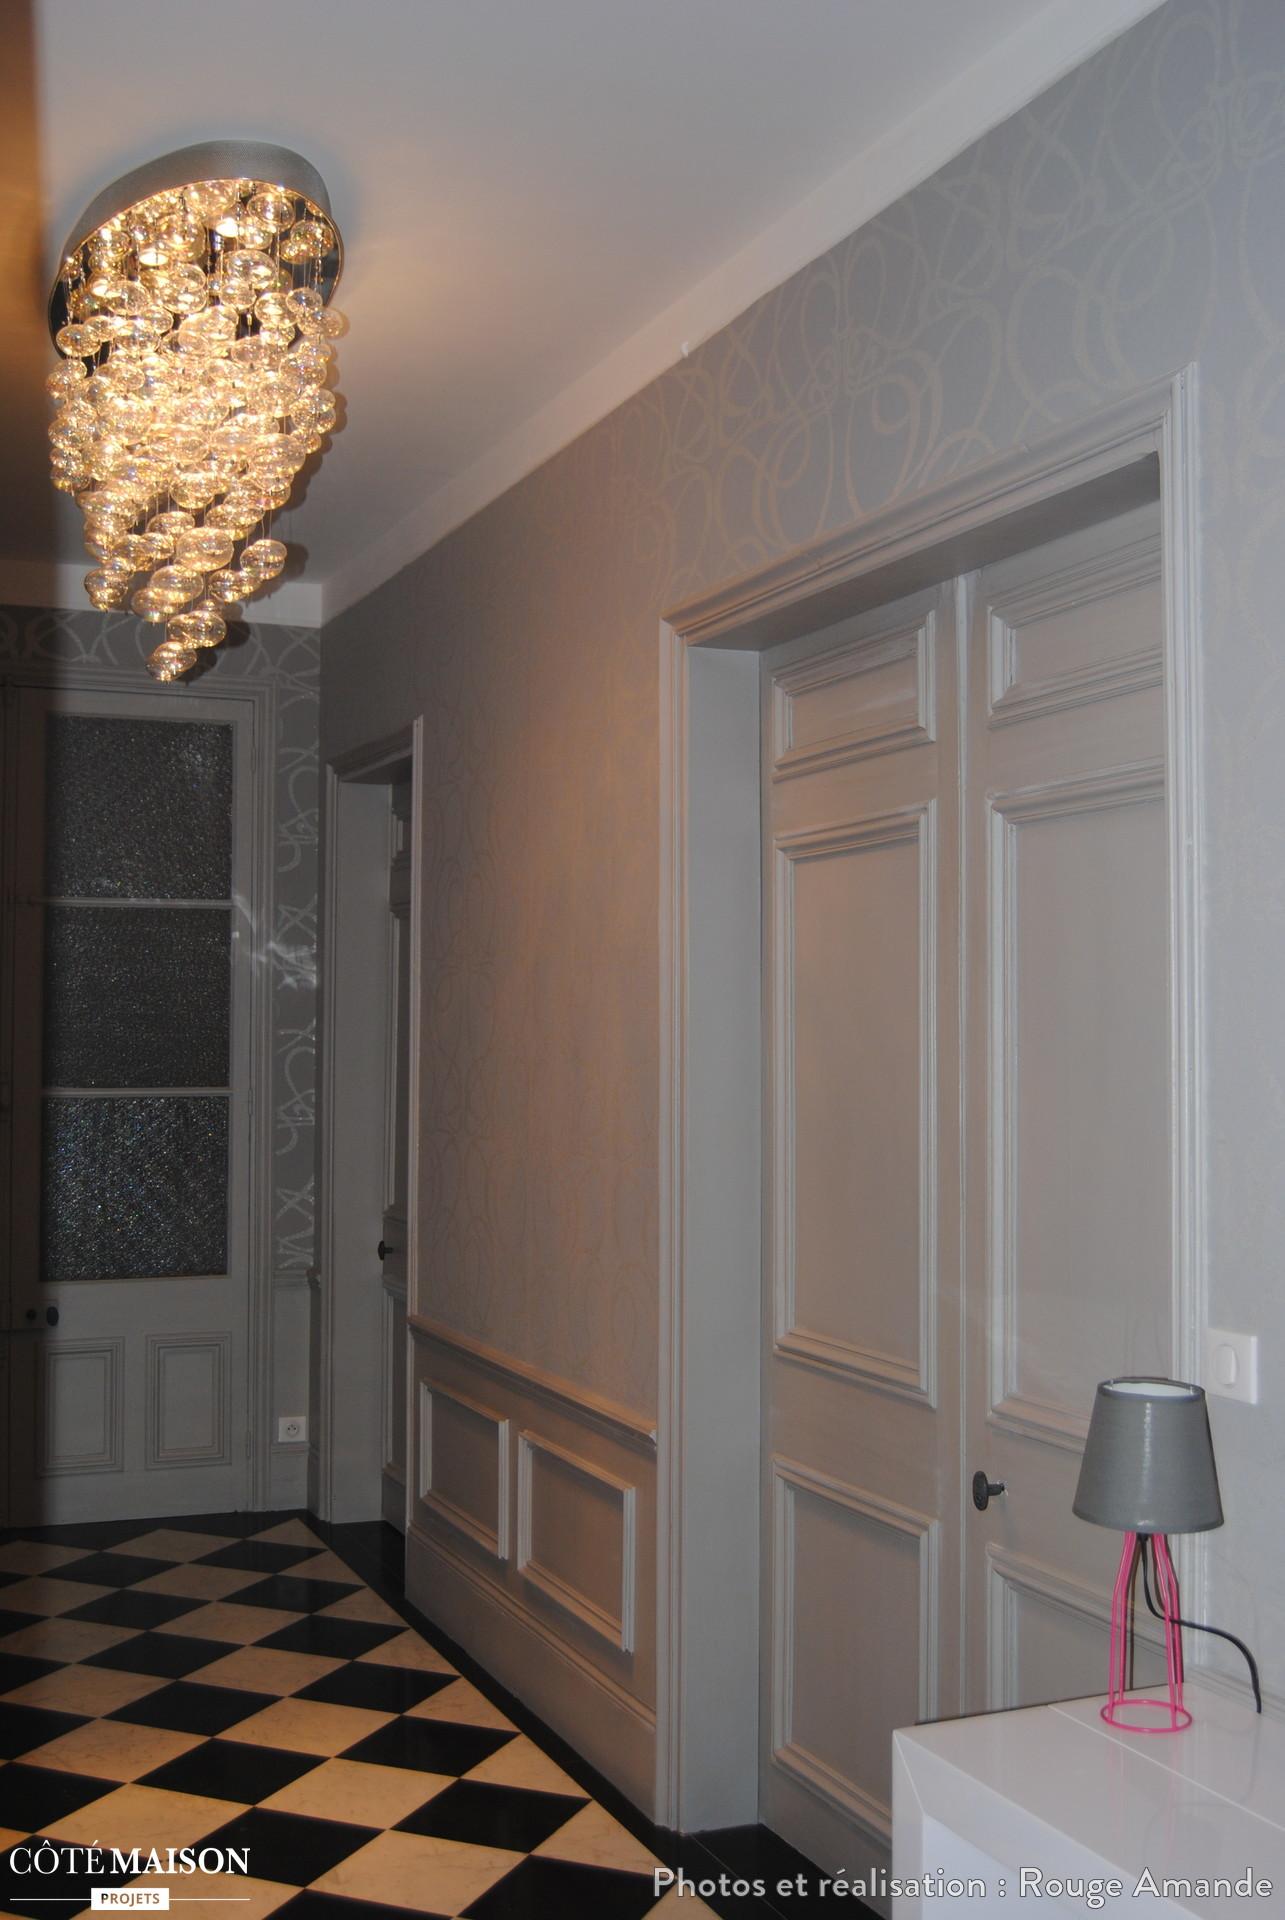 Amnagement et dcoration dune maison bourgeoise Tatiana Sarazin  Ct Maison